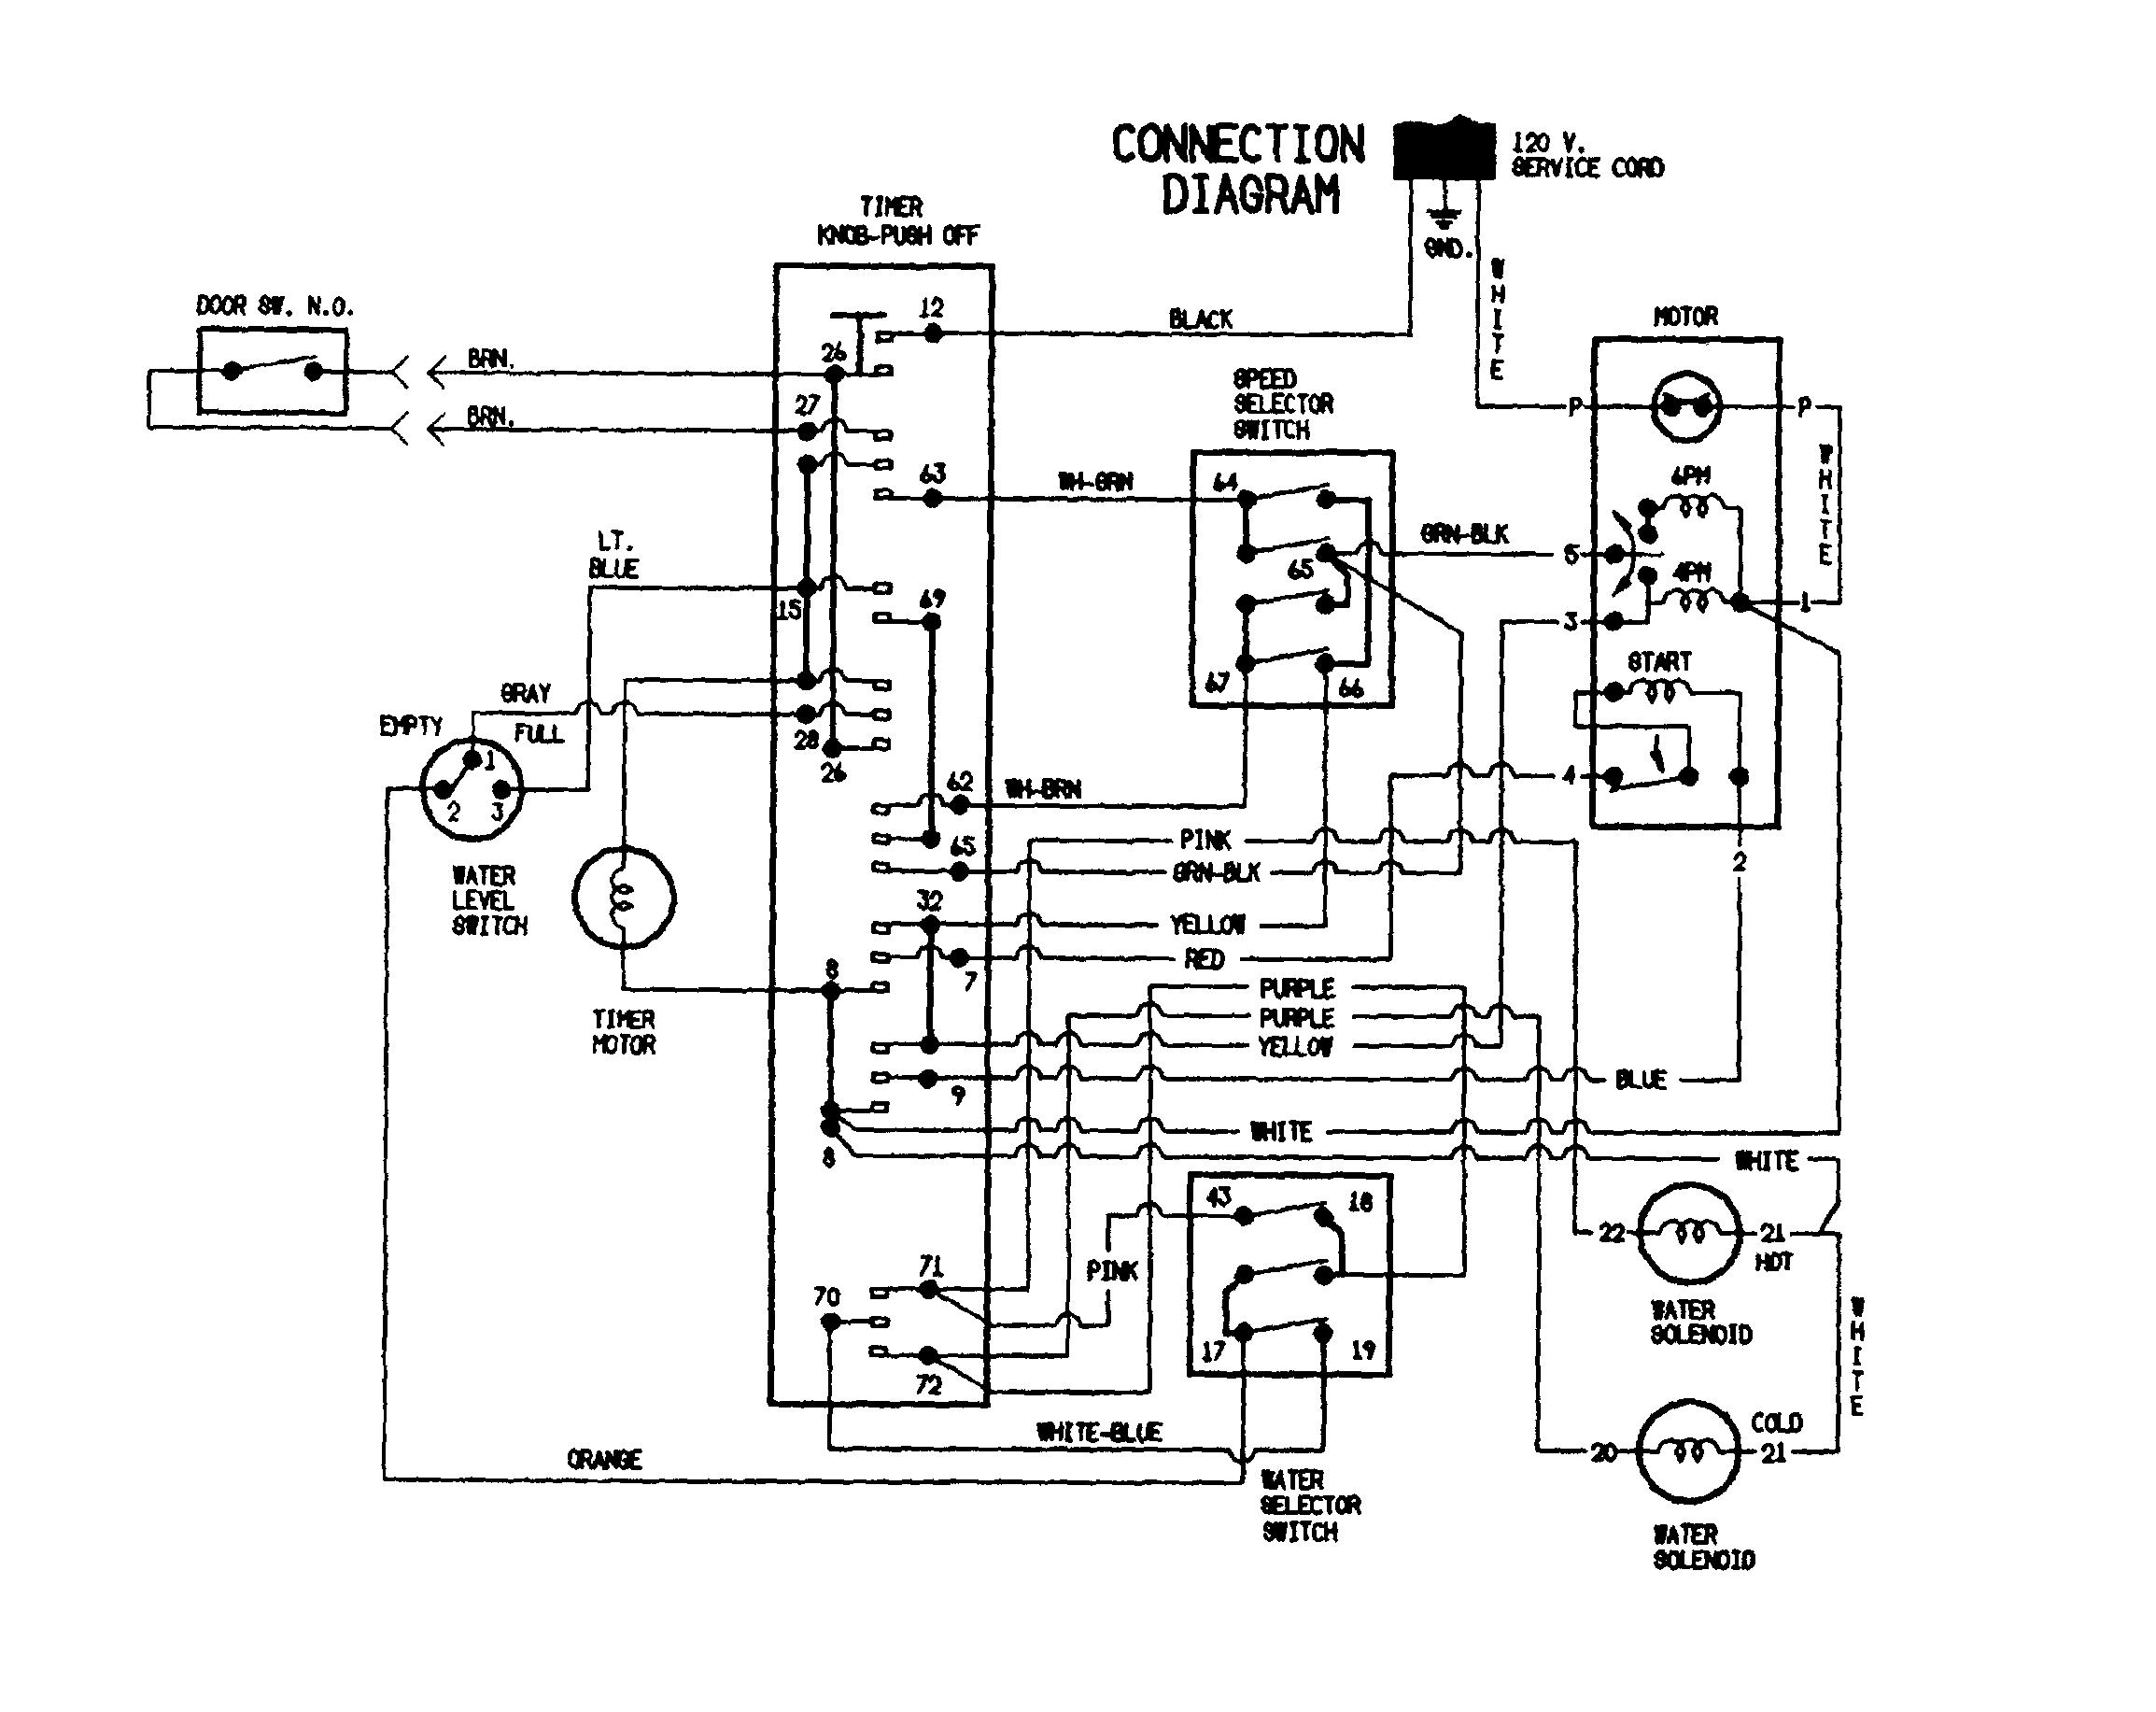 ididit steering column wiring diagram kenmore dishwasher imageresizertool com